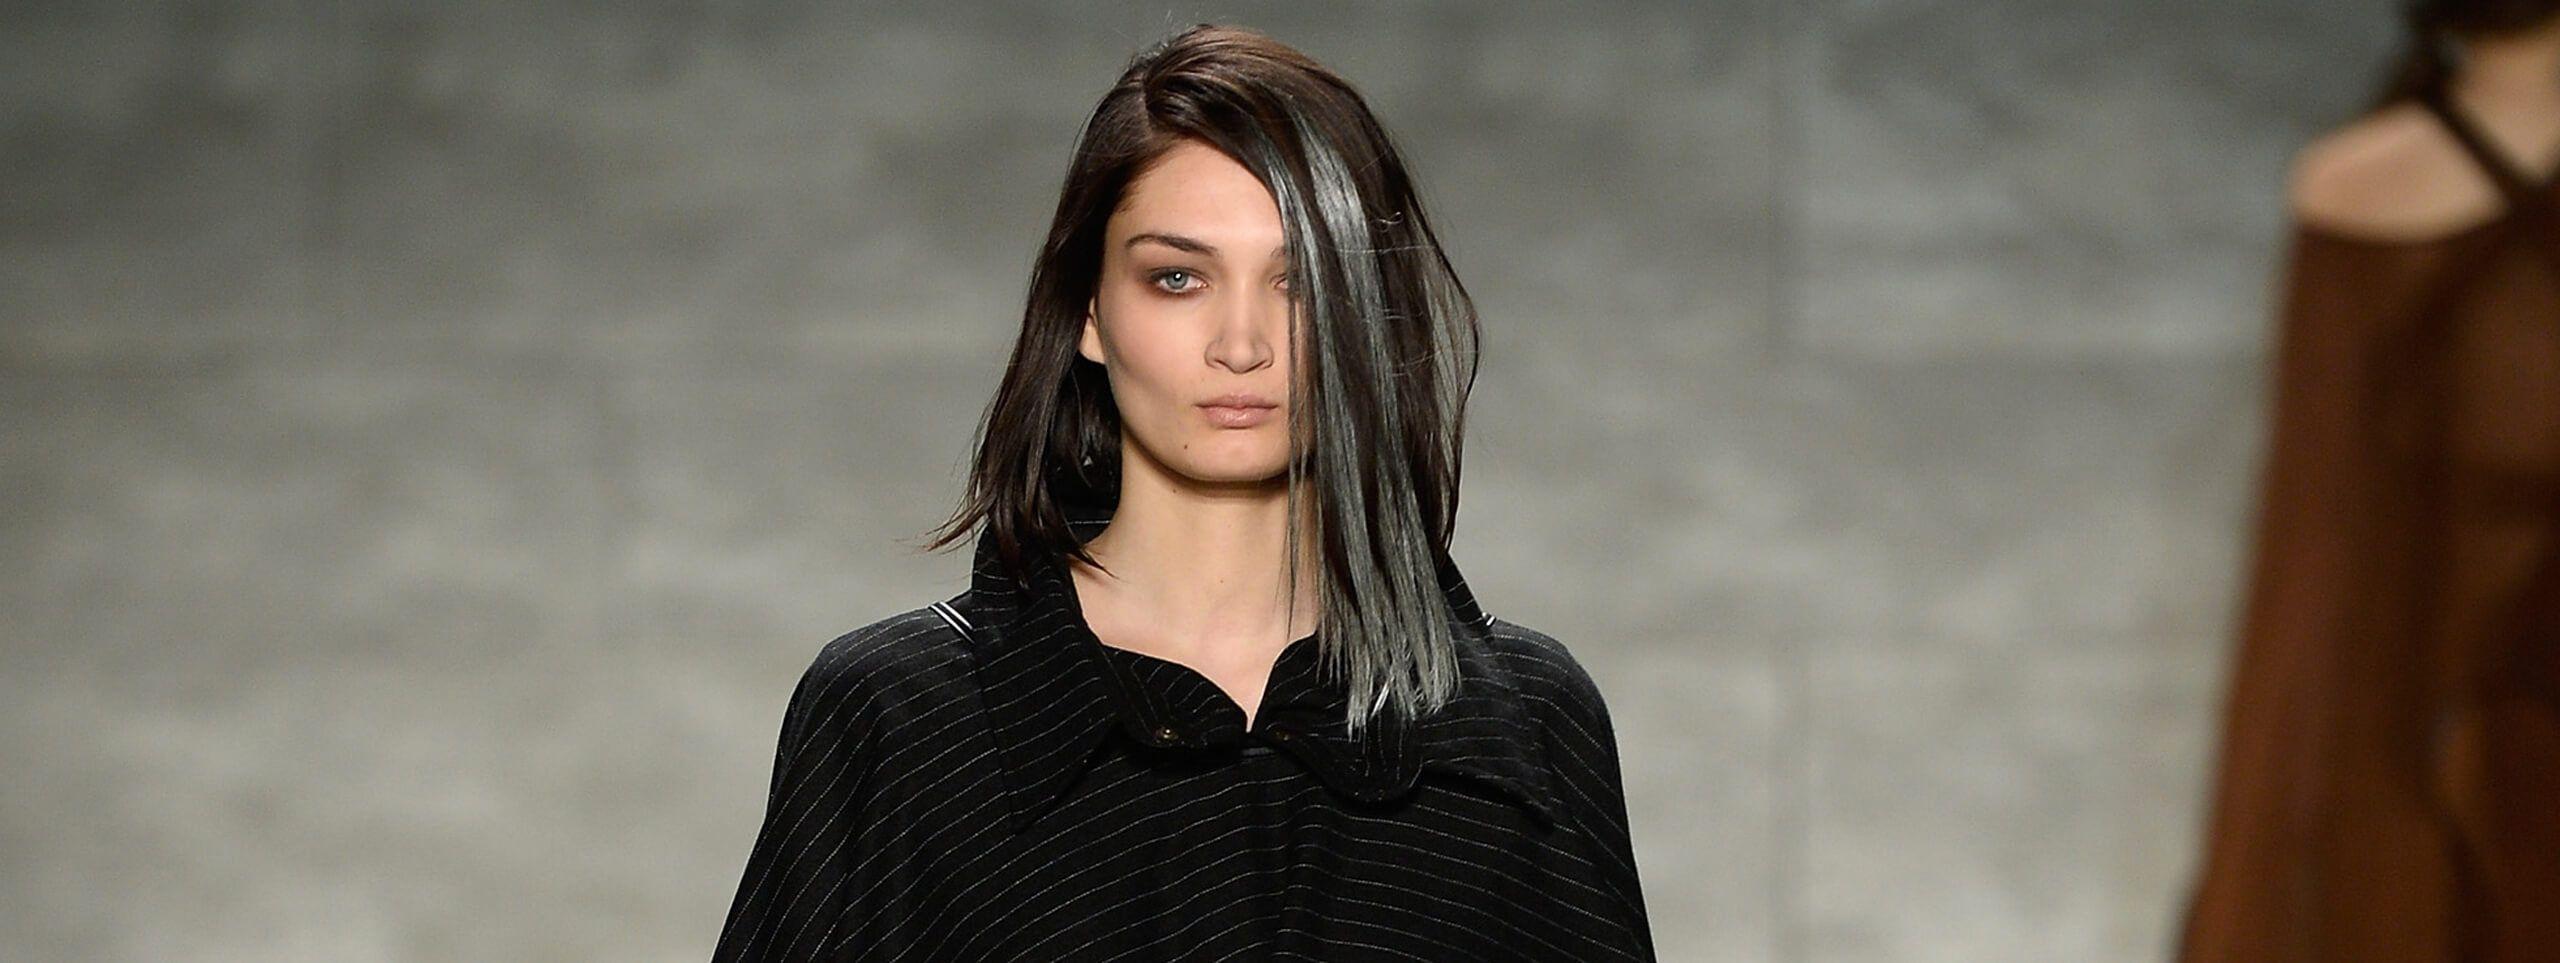 Modelka ze srebrnymi pasemkami na ciemnych włosach